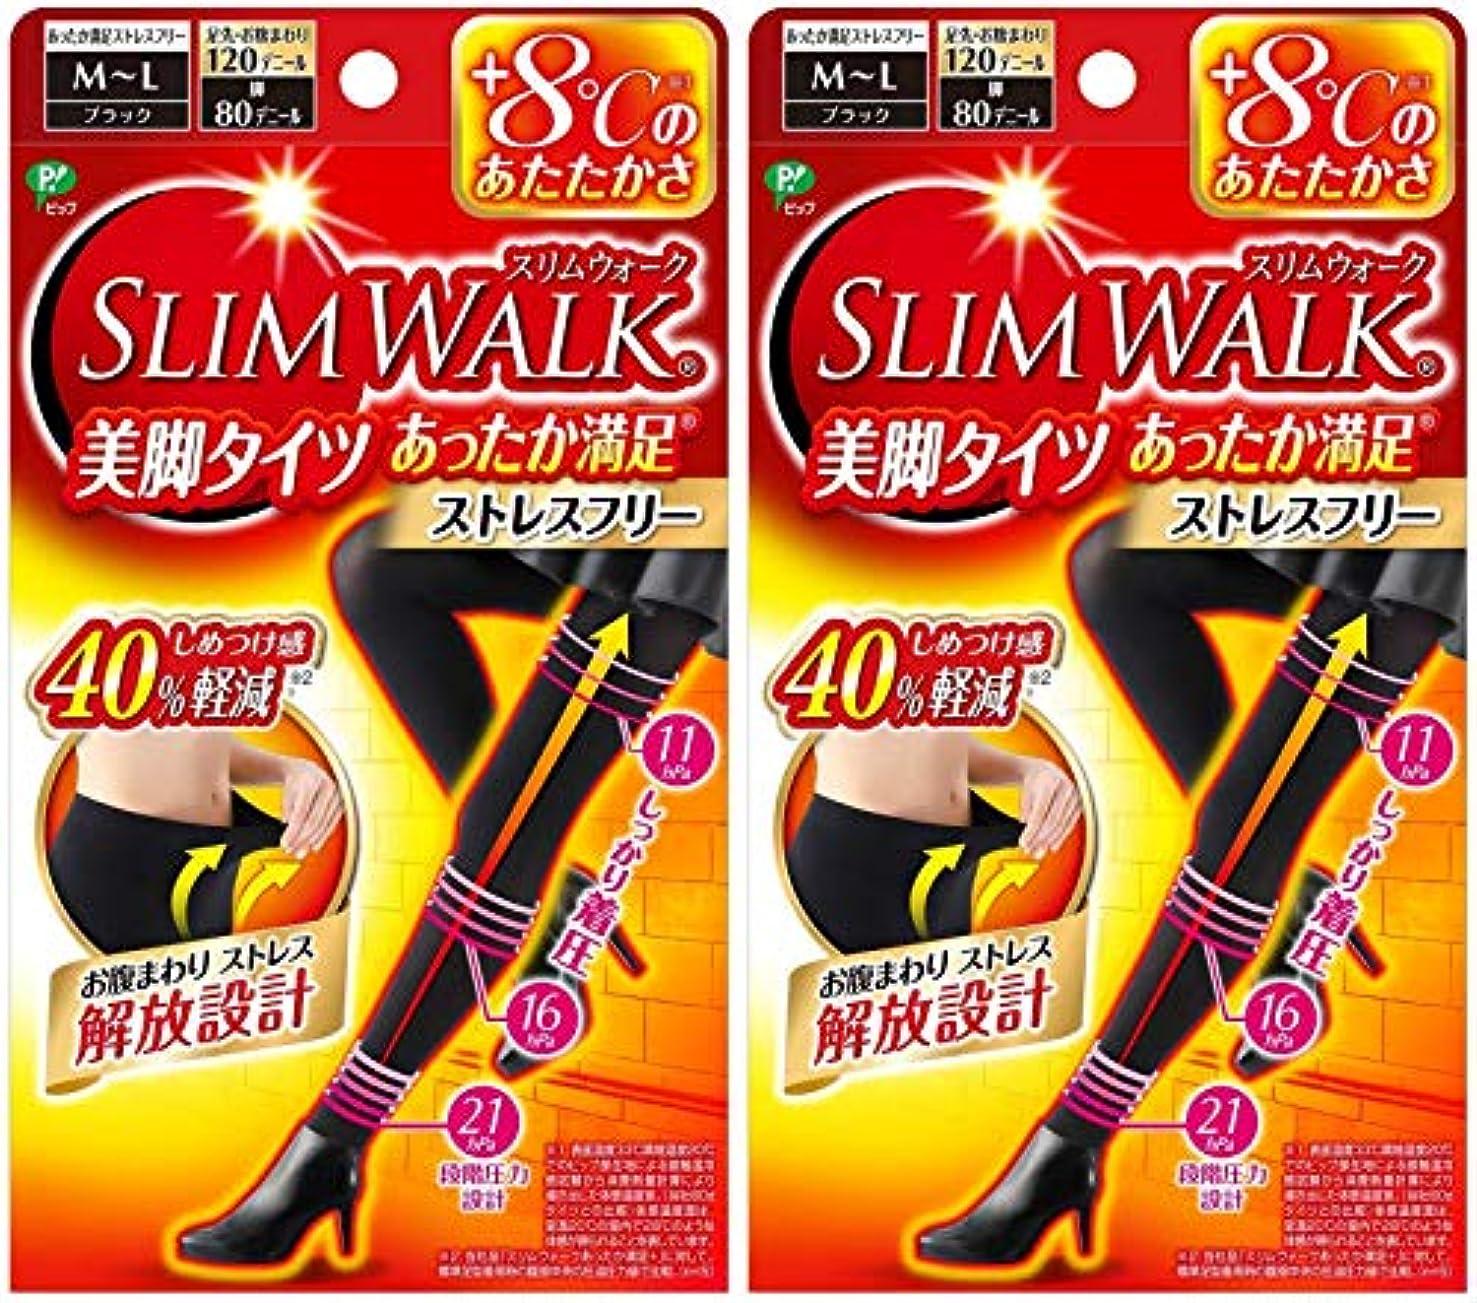 宇宙の鑑定ジャニス【2個セット】 スリムウォーク (SLIM WALK) 美脚タイツ あったか満足 おそと用 M~Lサイズ